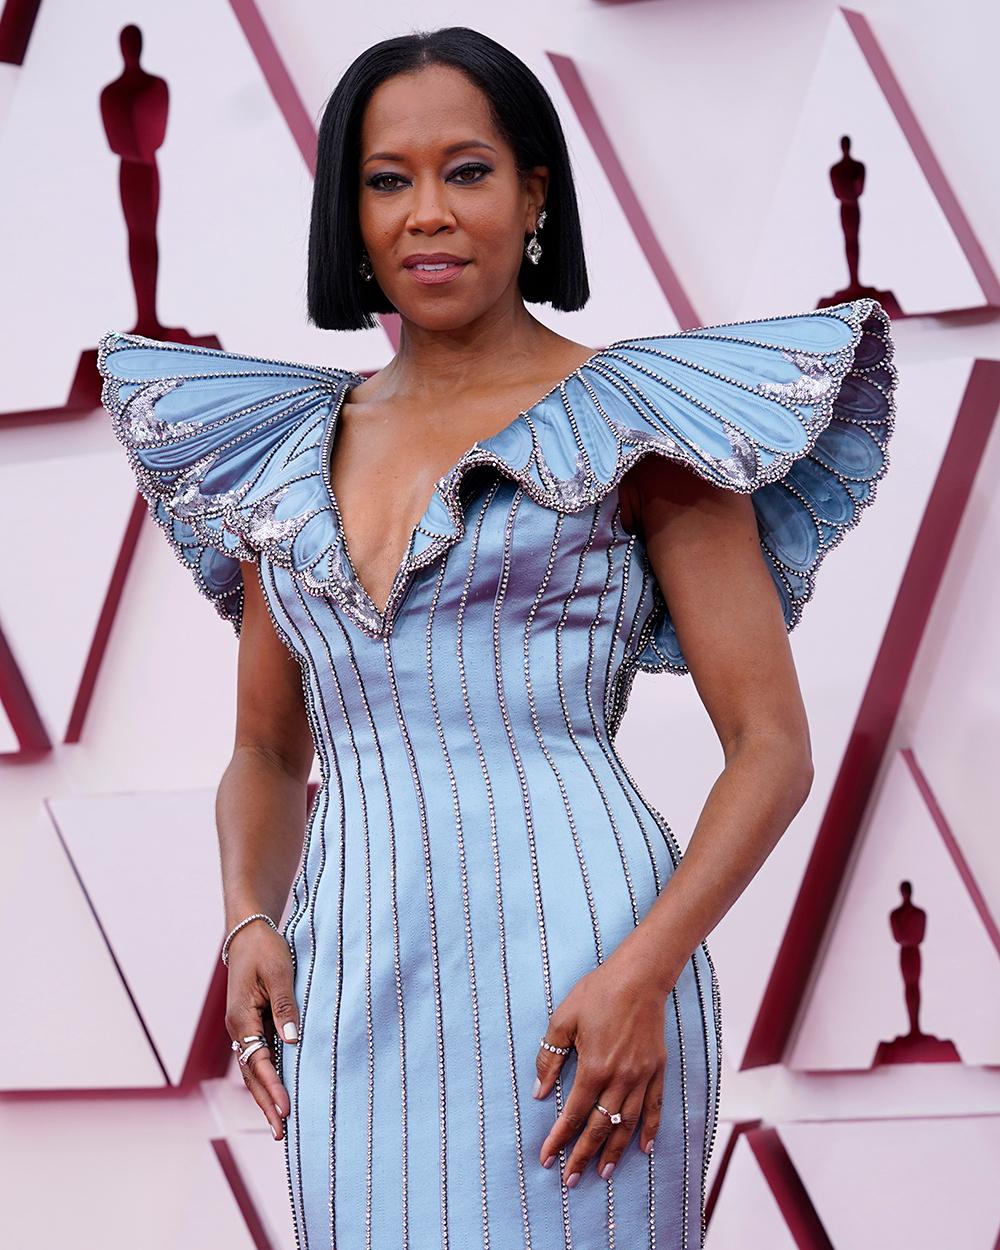 Regina King gây bất ngờ với chiếc váy lụa xanh lam được Louis Vuitton làm riêng cho cô. Phần tay áo và cấu trúc cánh bướm ở phần vai được đánh giá khá độc đáo.